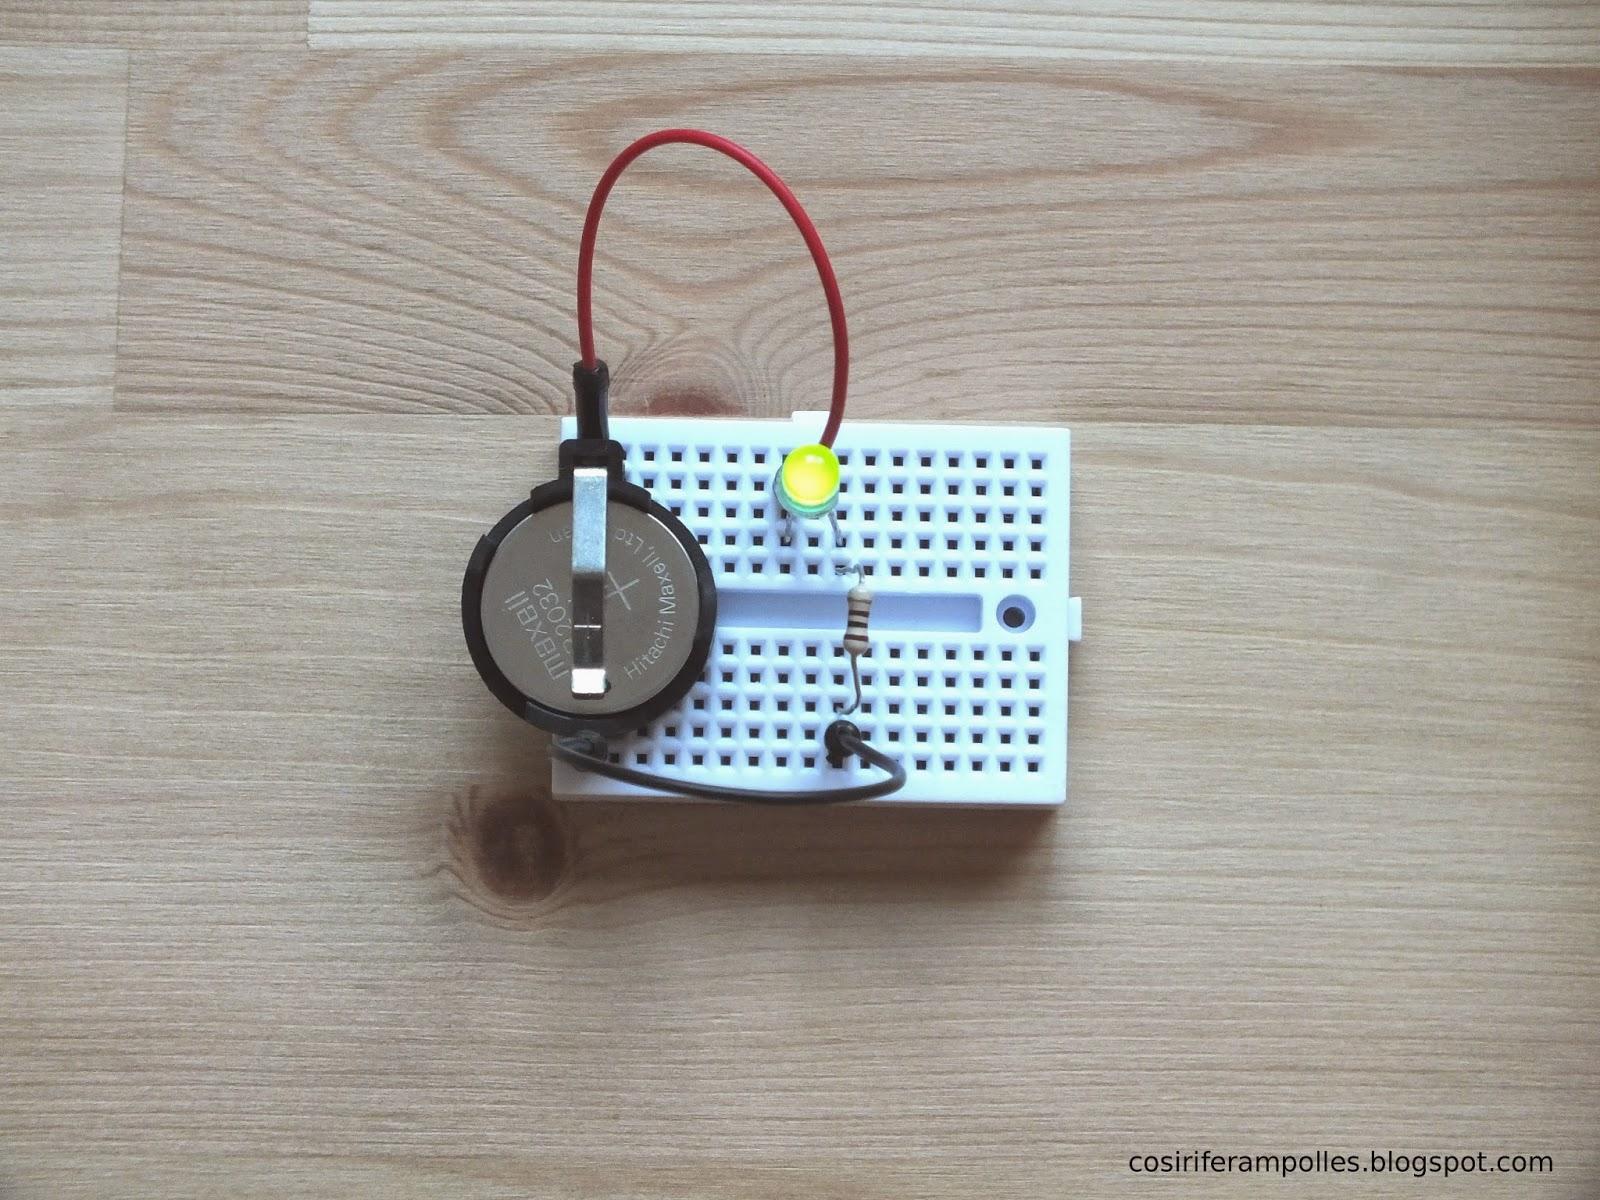 Circuito Basico : Cosir i fer ampolles: circuito básico: encender un led